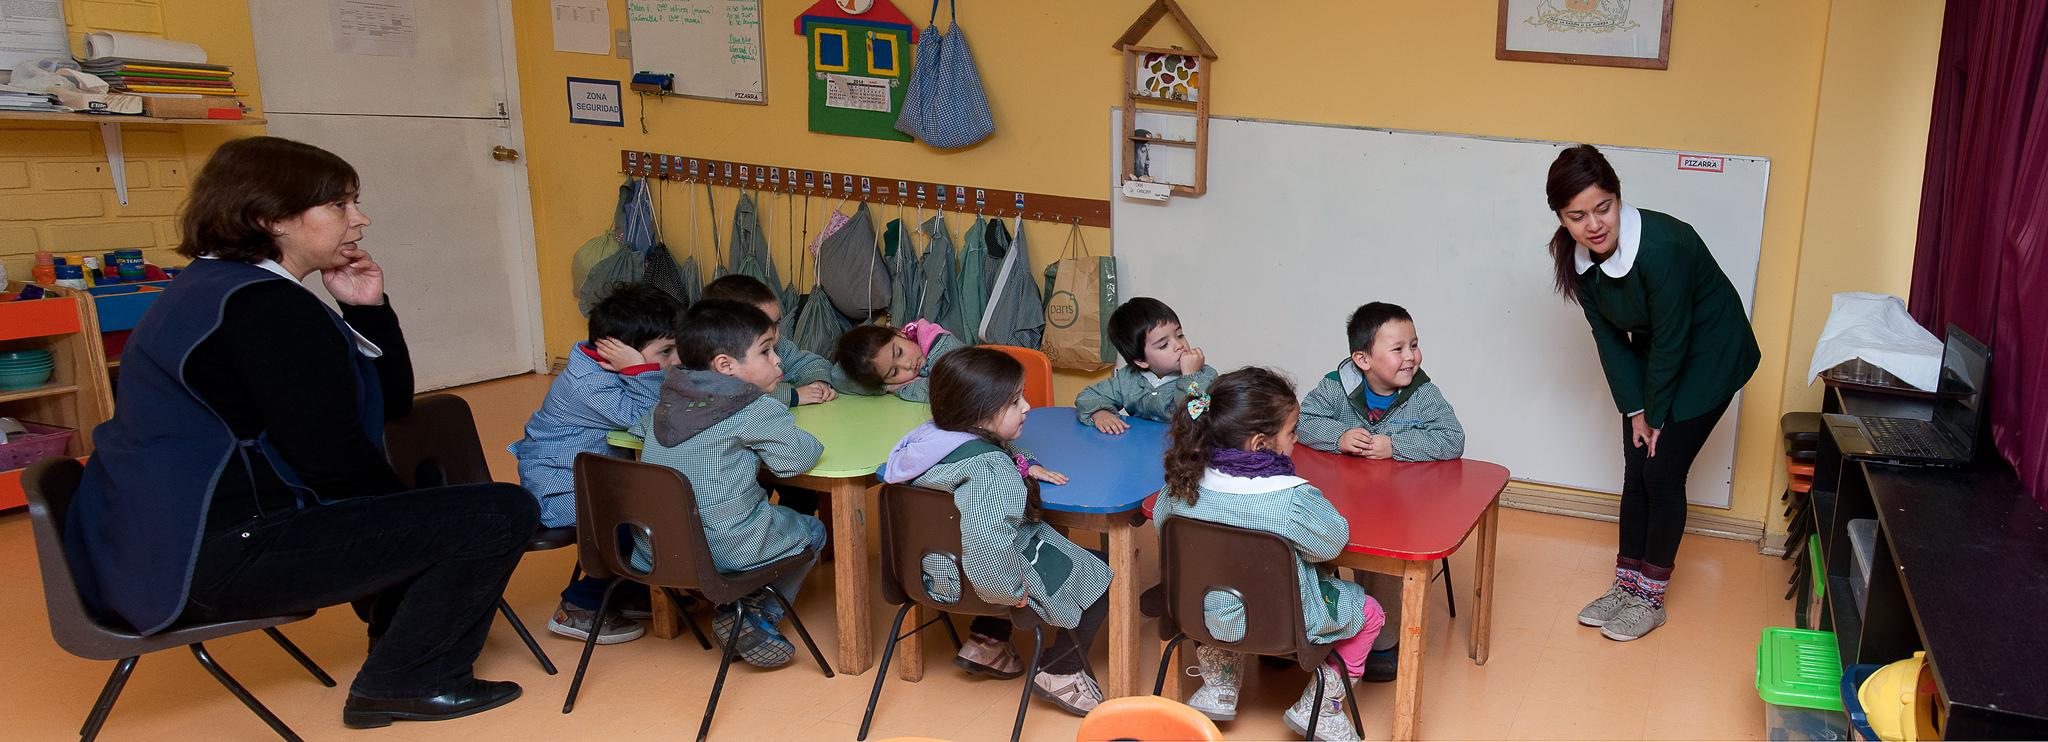 Sala Cuna y Jardín Infantil Colmenita: Reglamento